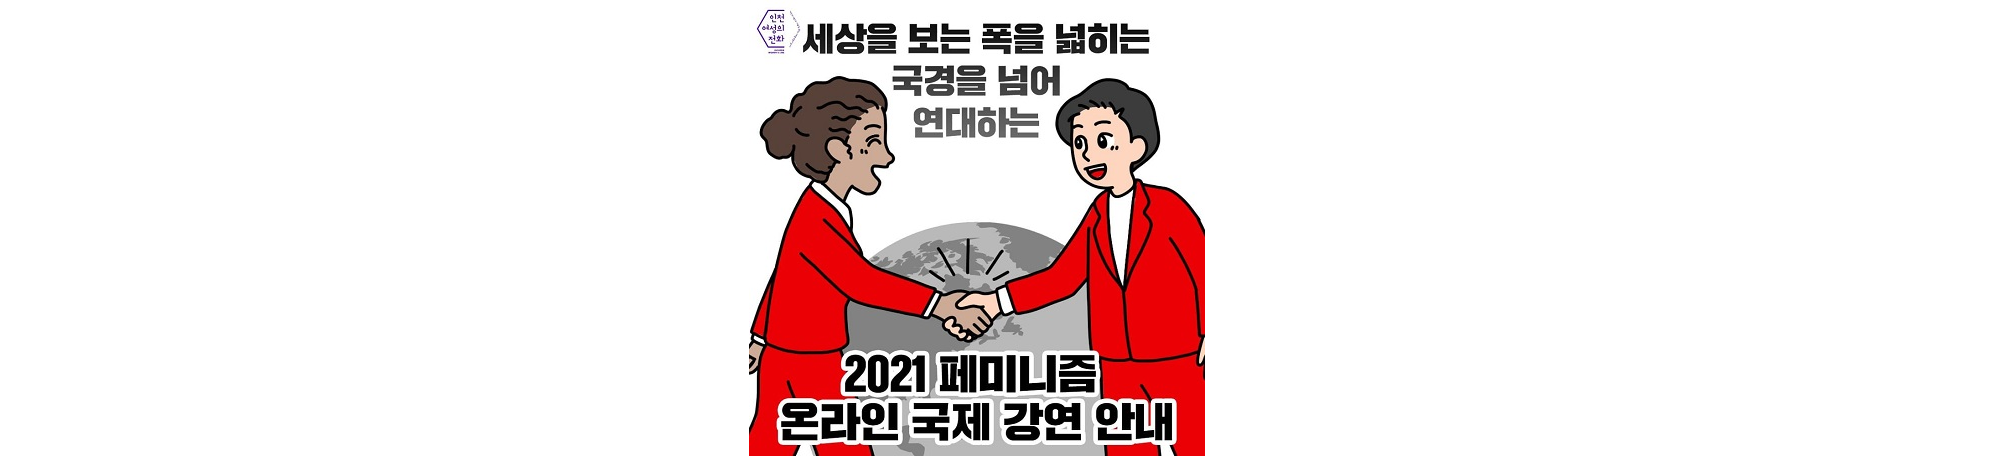 2021 페미니즘 인문학 여성역사발굴단